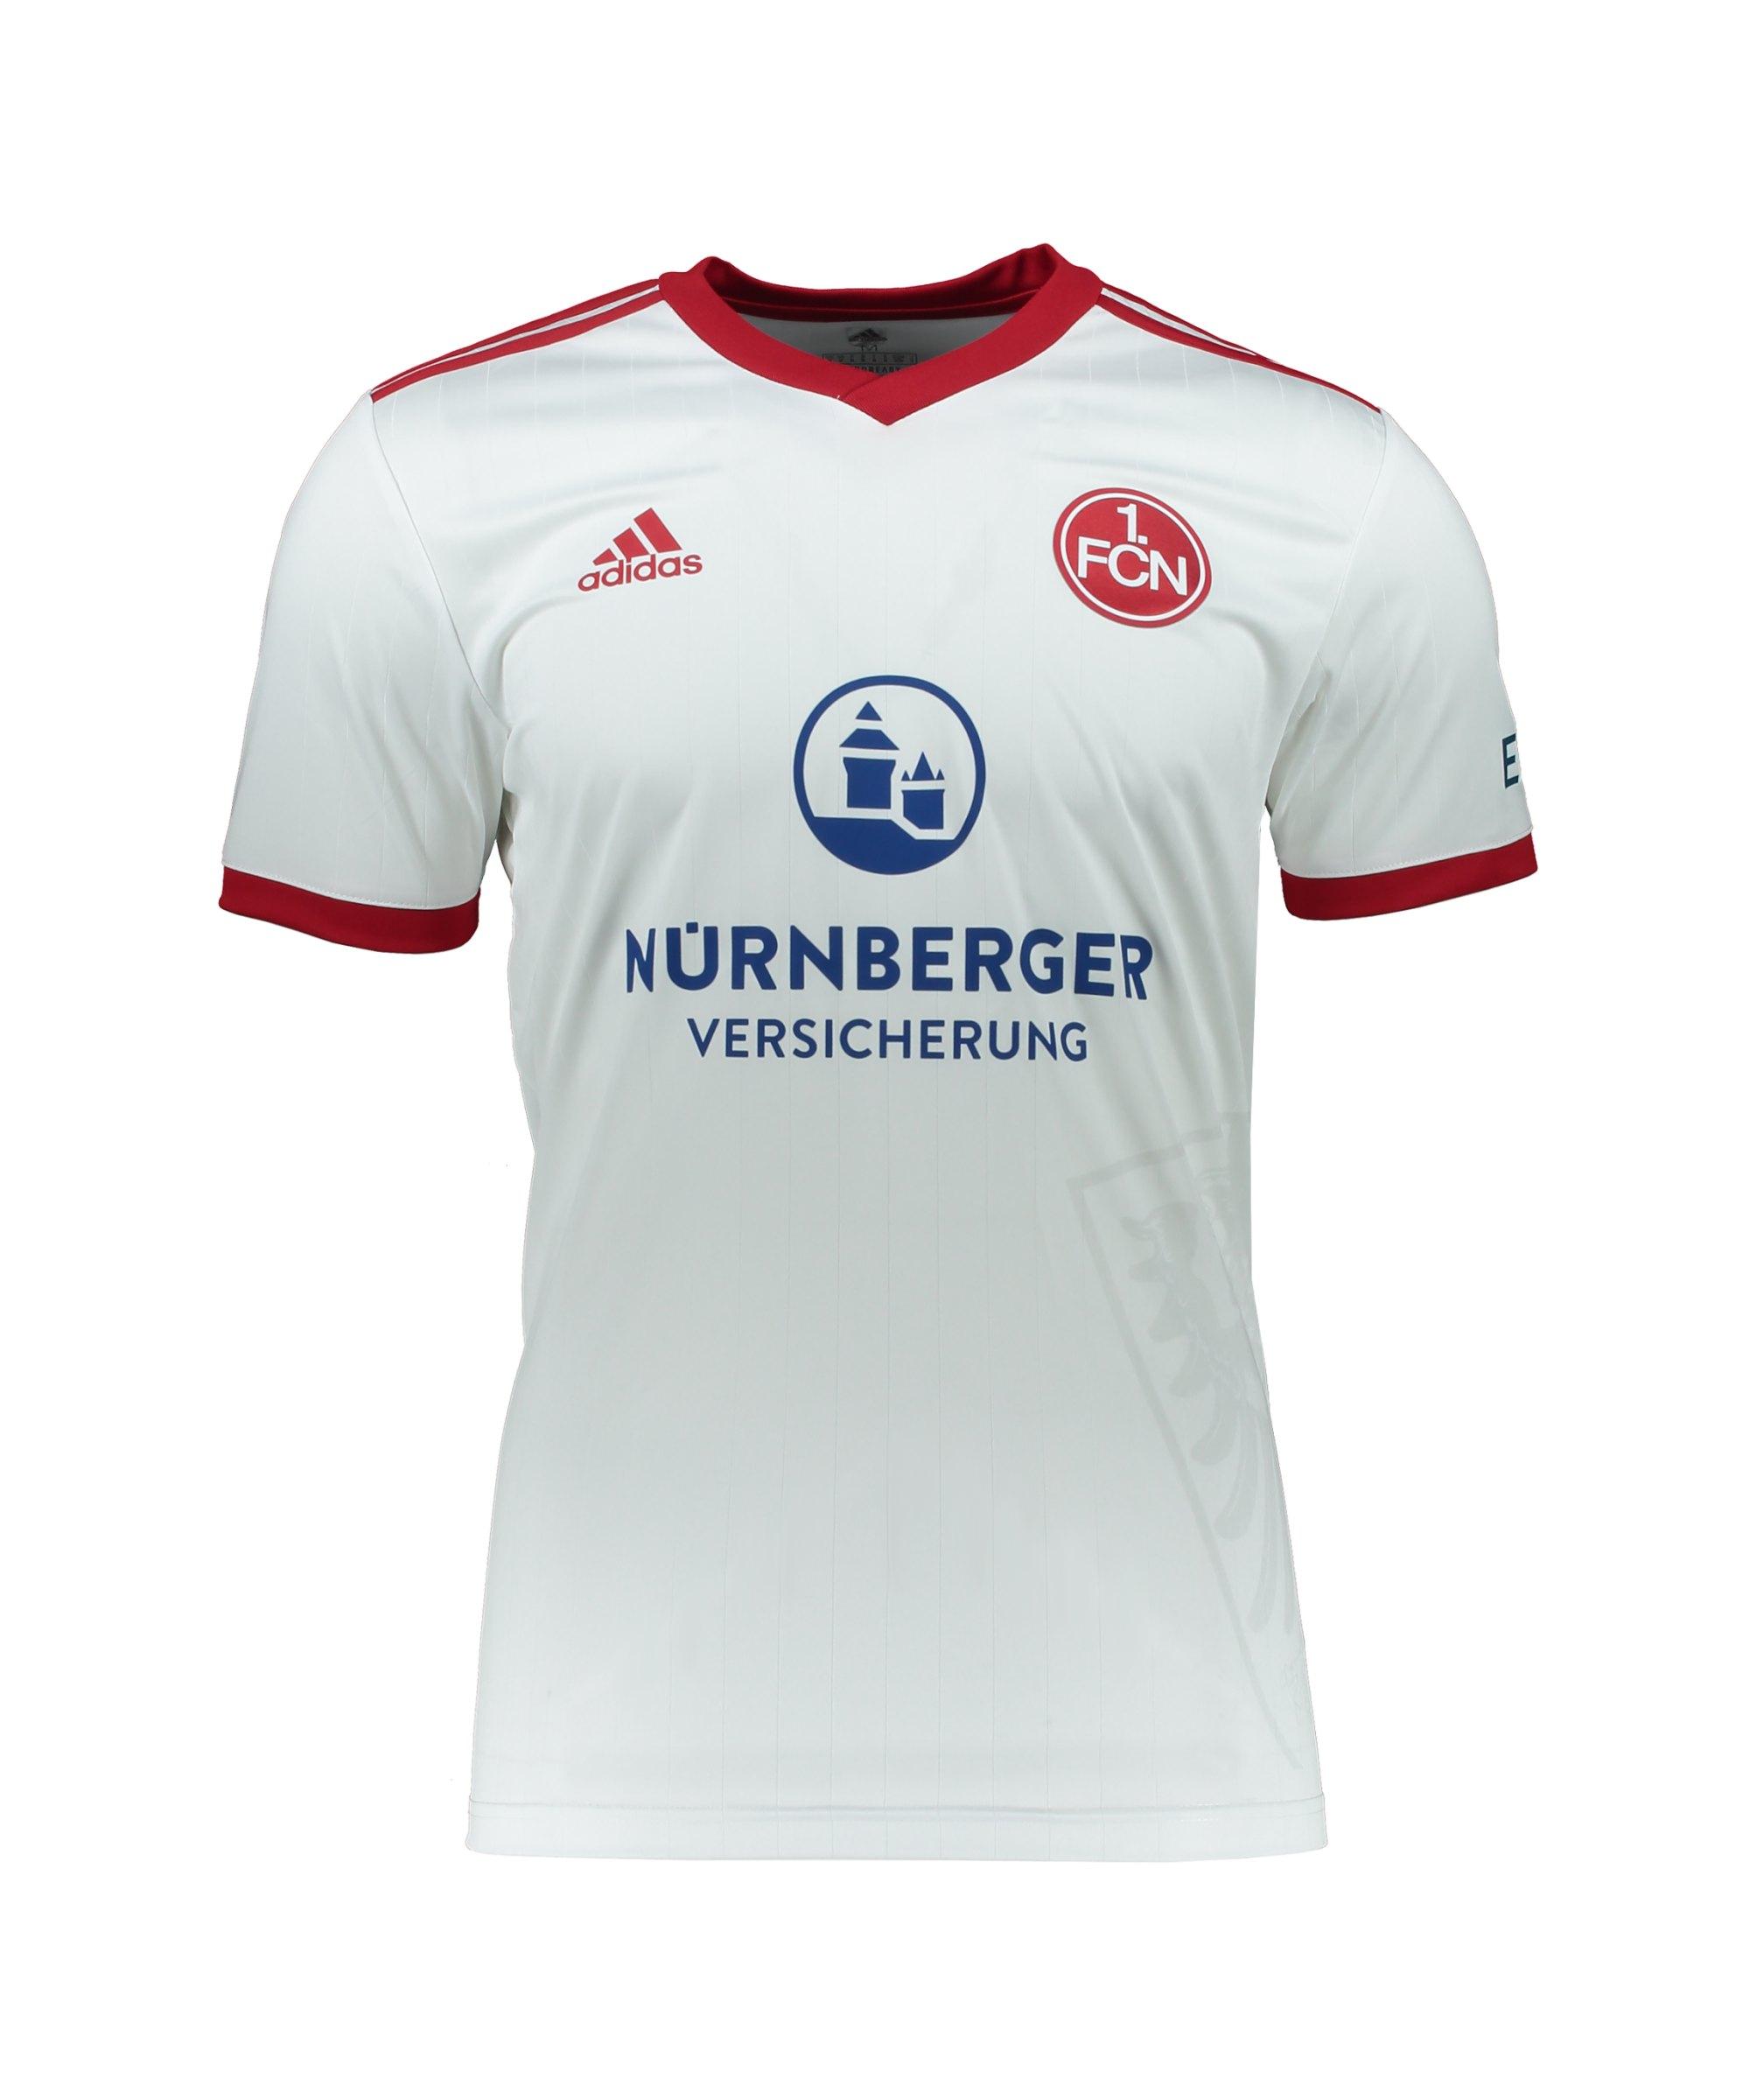 adidas 1. FC Nürnberg Trikot Away 2021/2022 Kids Weiss - weiss